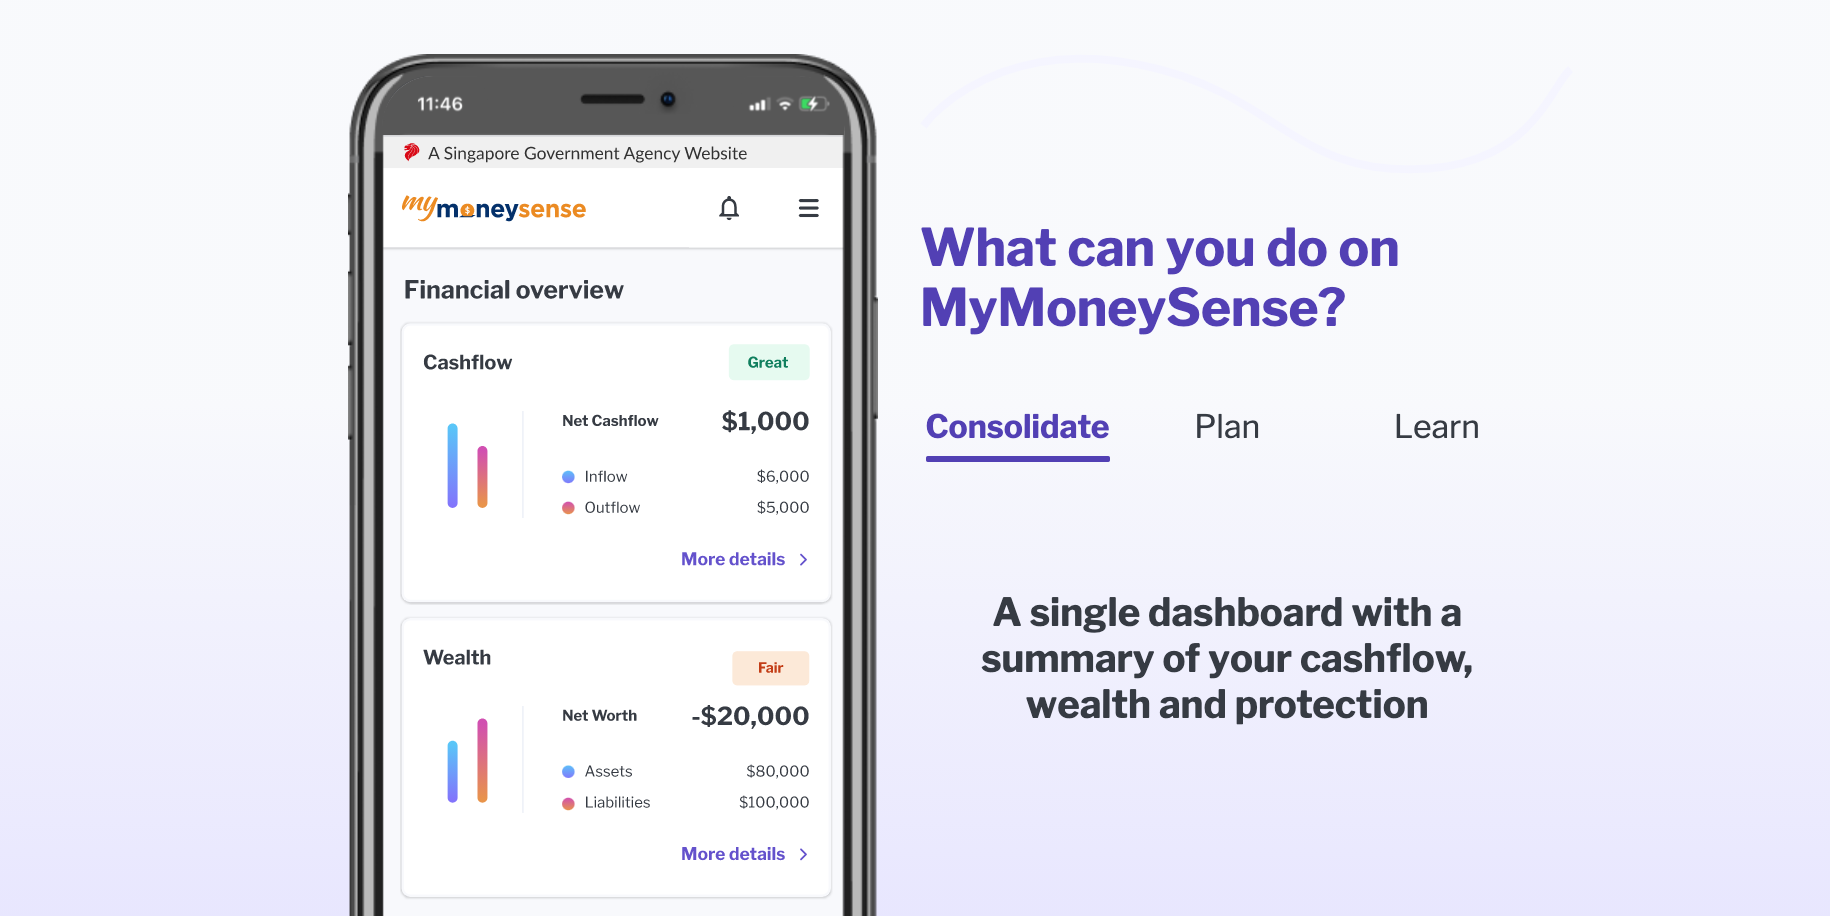 MyMoneySense mobile app, via mymoneysense.gov.sg